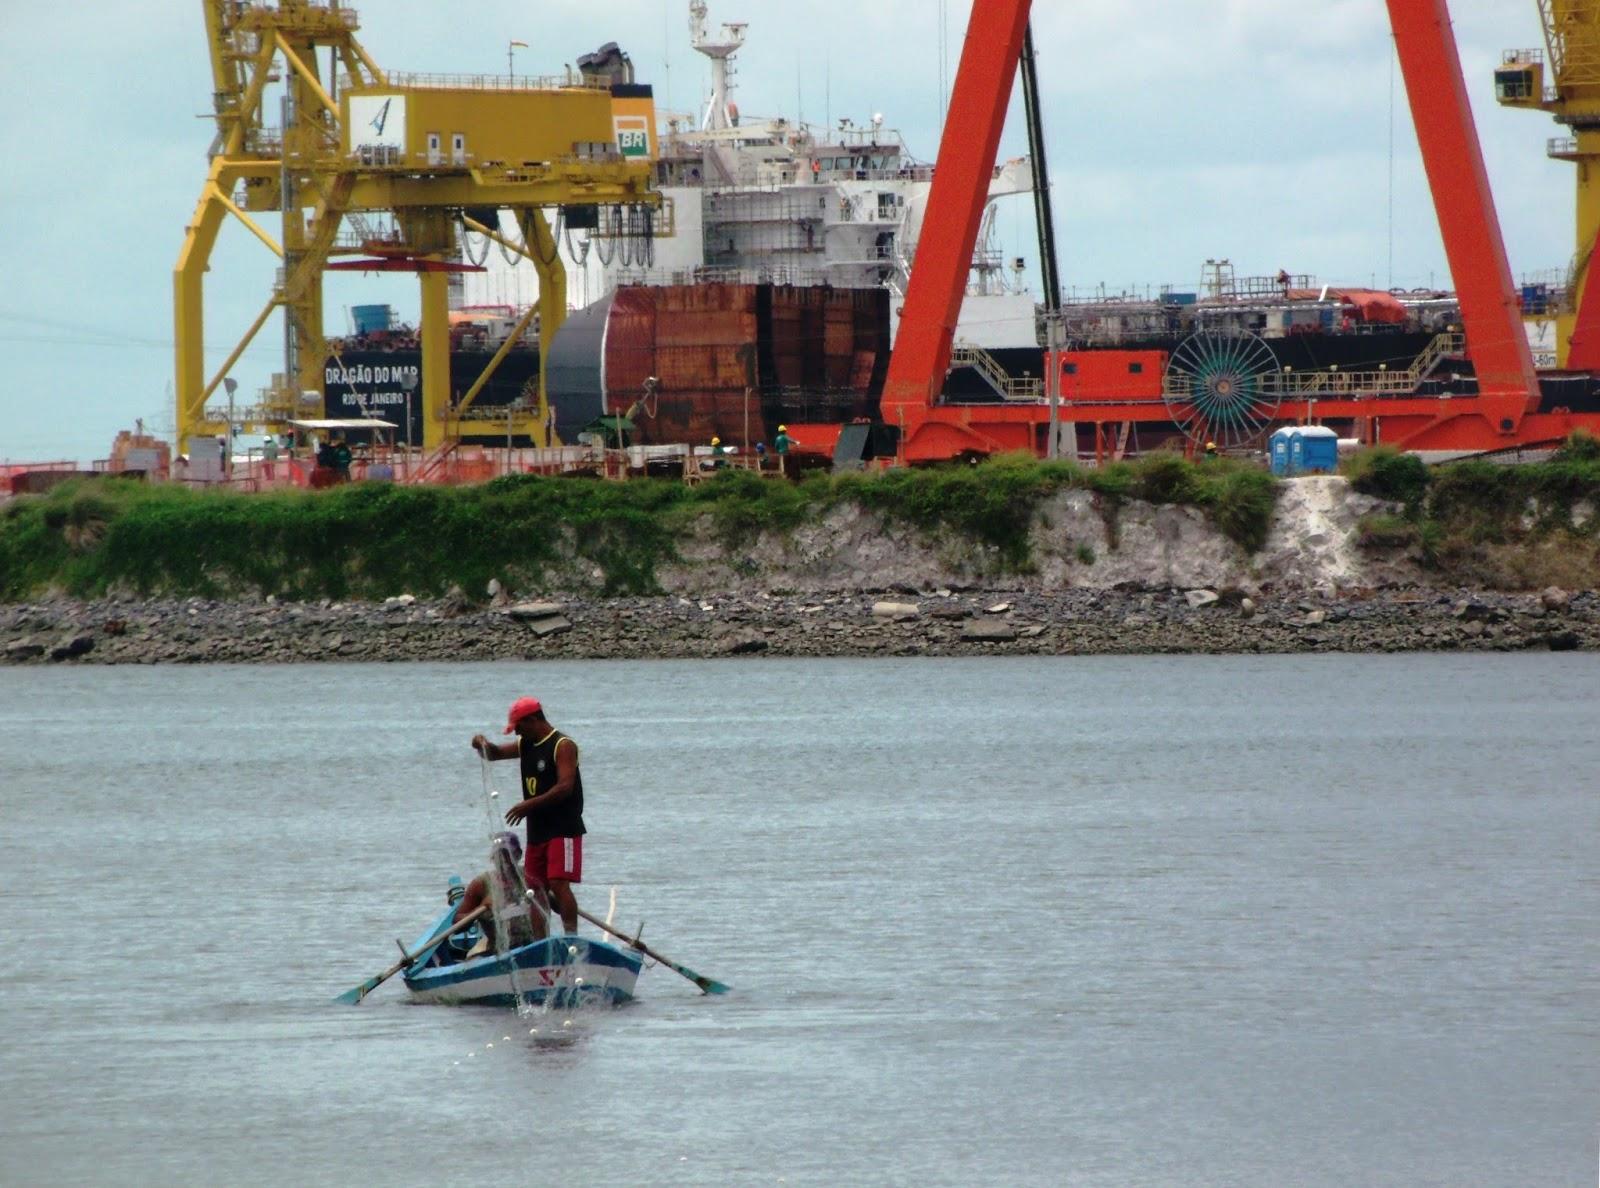 Relatório aponta impacto negativo do Compexo de Suape sobre as comunidades pesqueiras da região Foto: Méle Dornelas